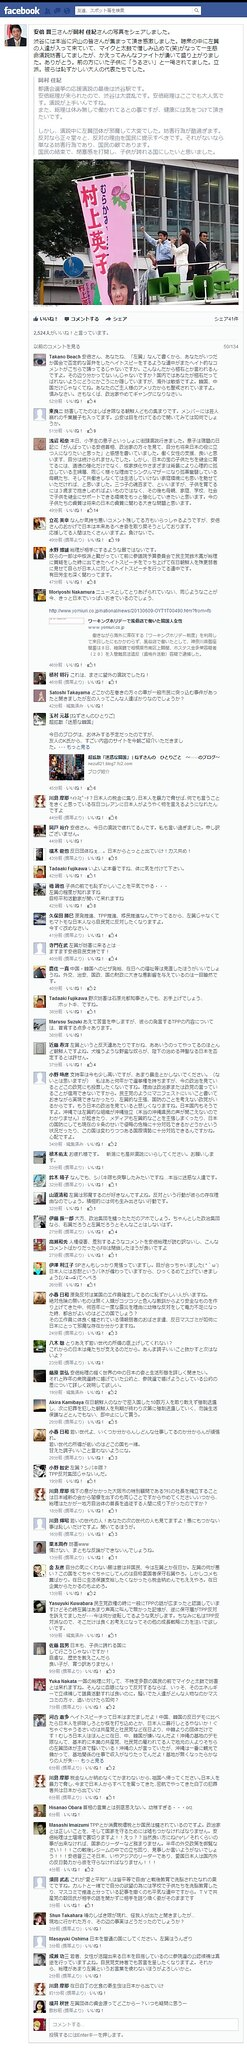 安倍晋三さんが岡村佳紀さんの写真をシェアしました